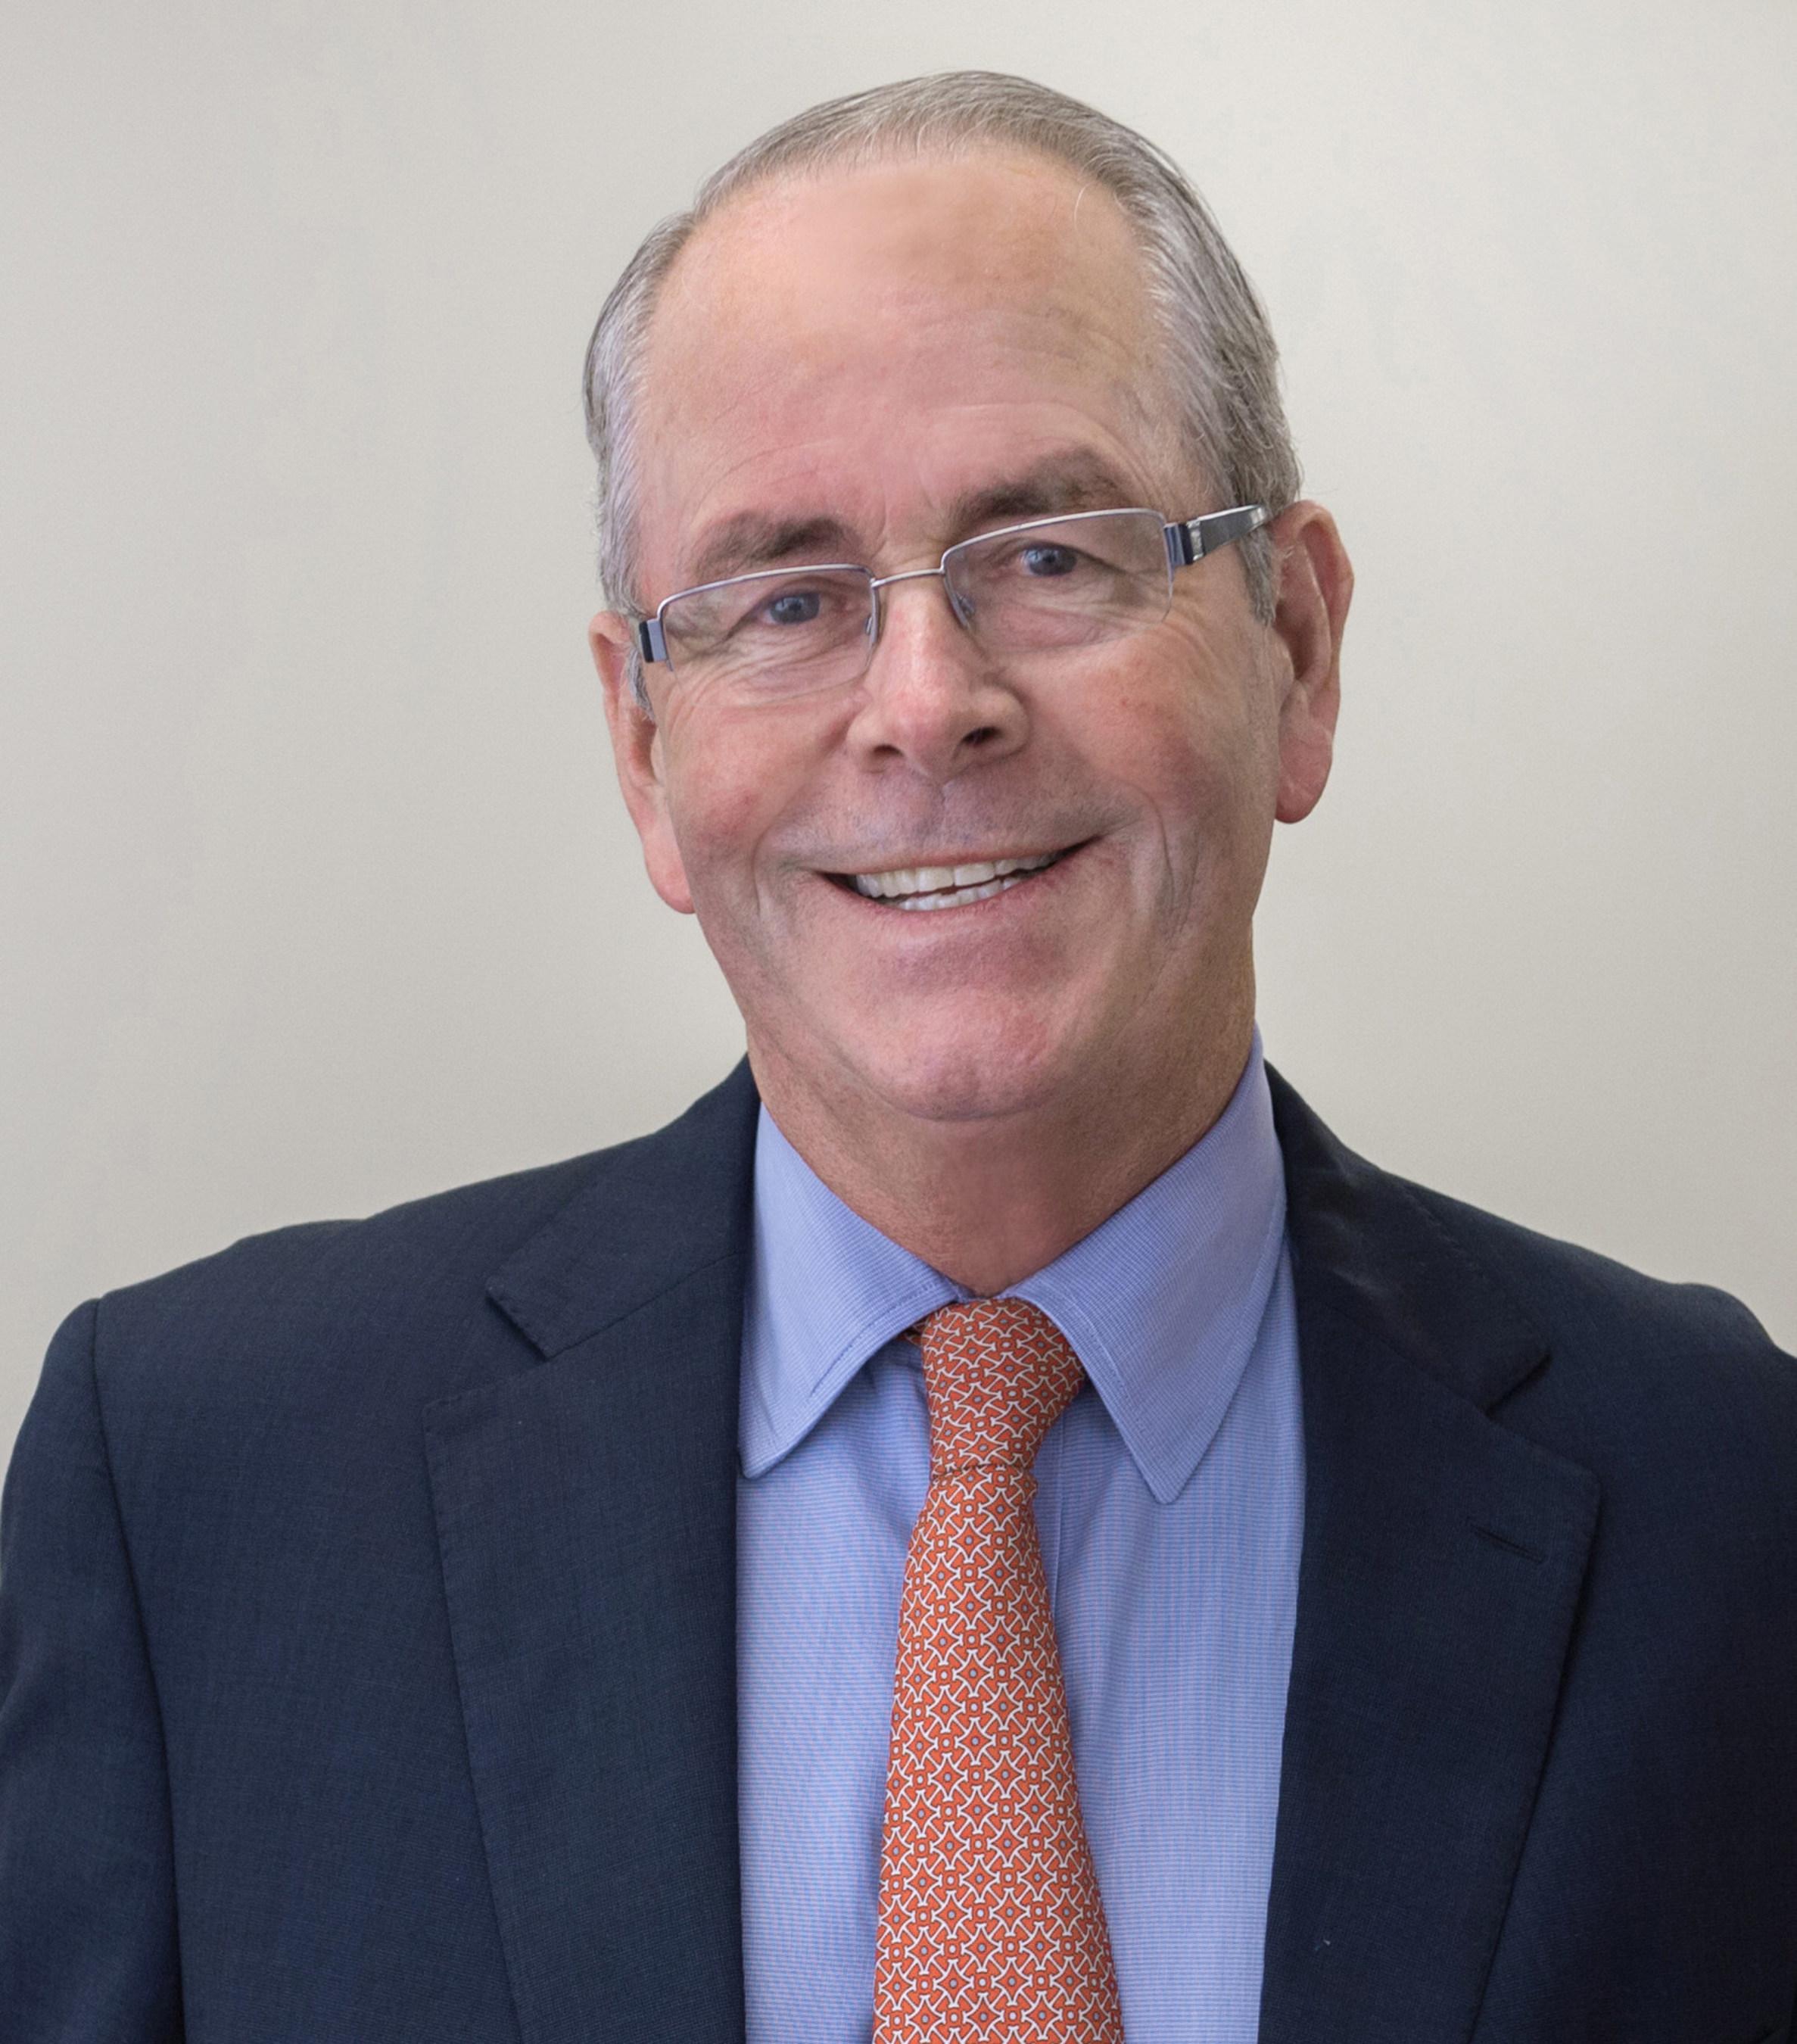 Thomas F. Gilbane, Jr., Chairman & CEO of Gilbane Building Cos., CIRT Chairman 2015 - 2016